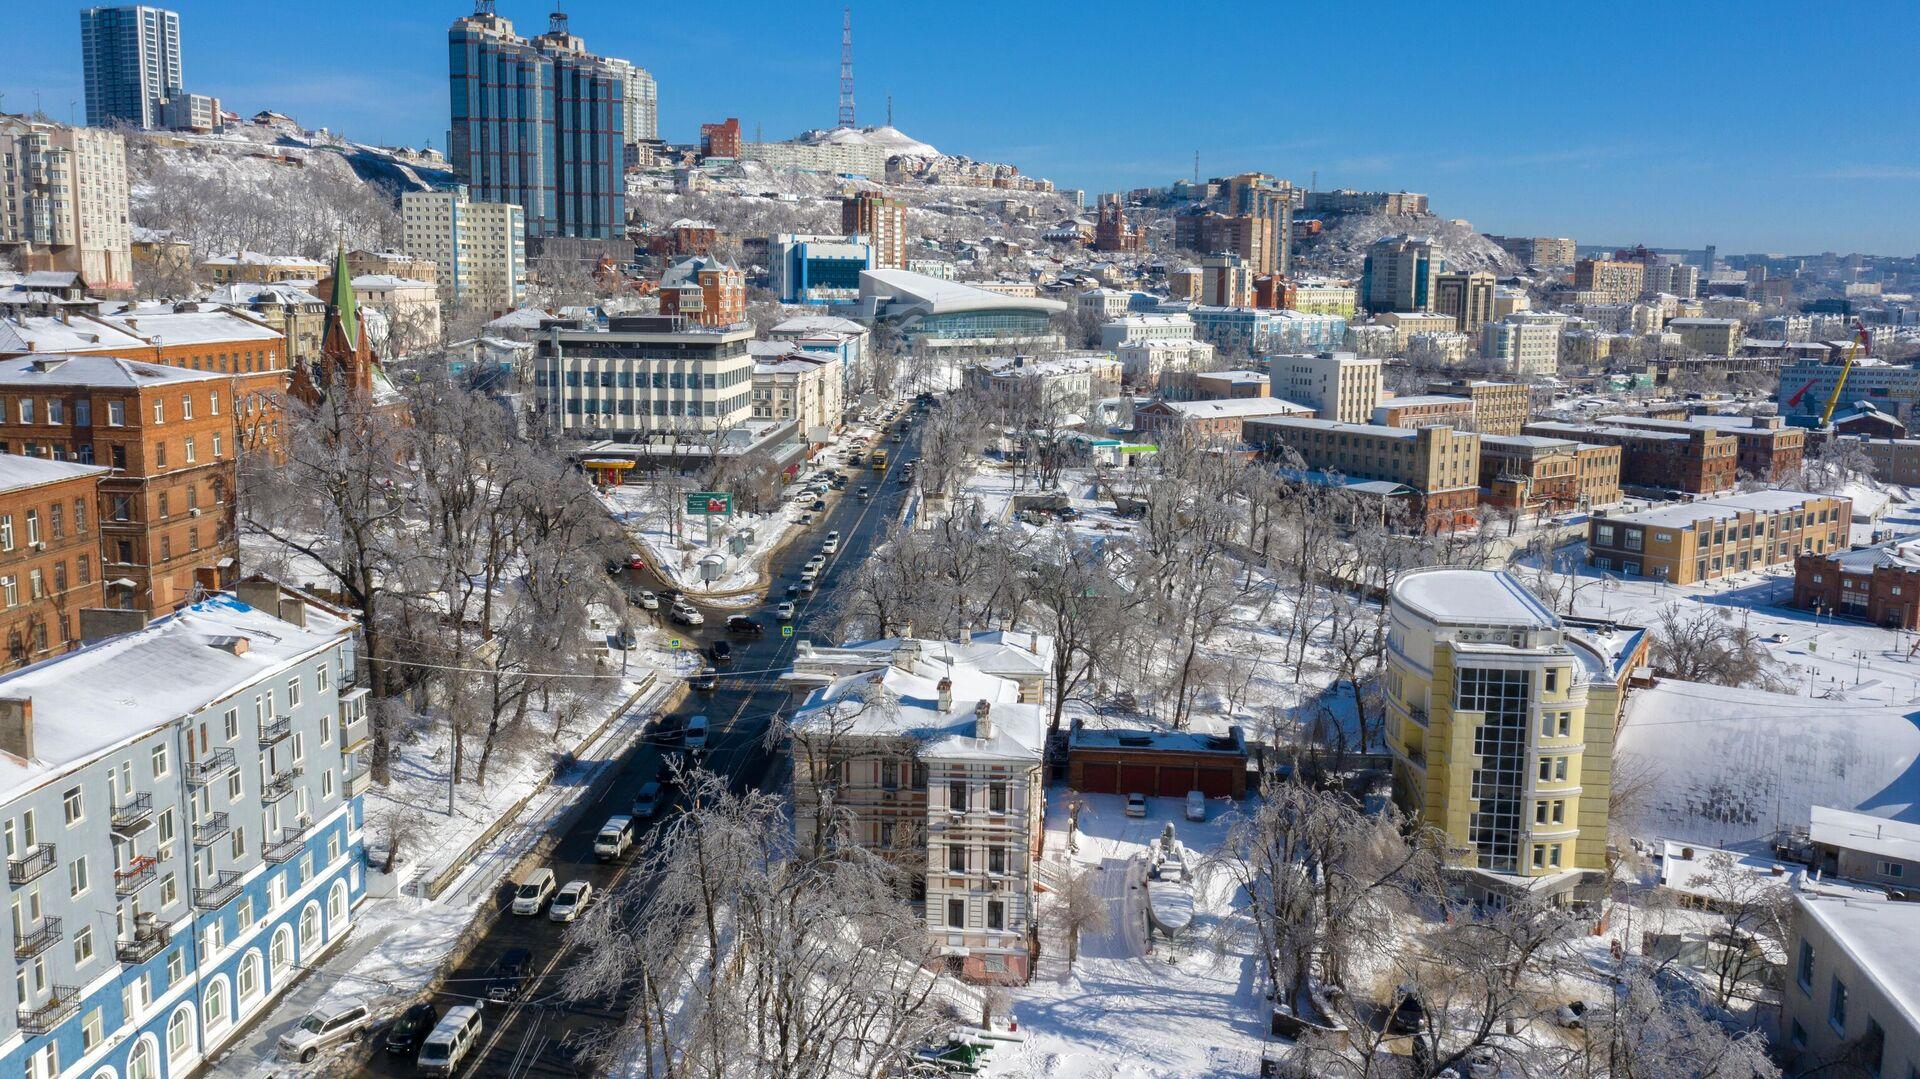 Во Владивостоке управляющим компаниям выписали штрафы за неубранный снег